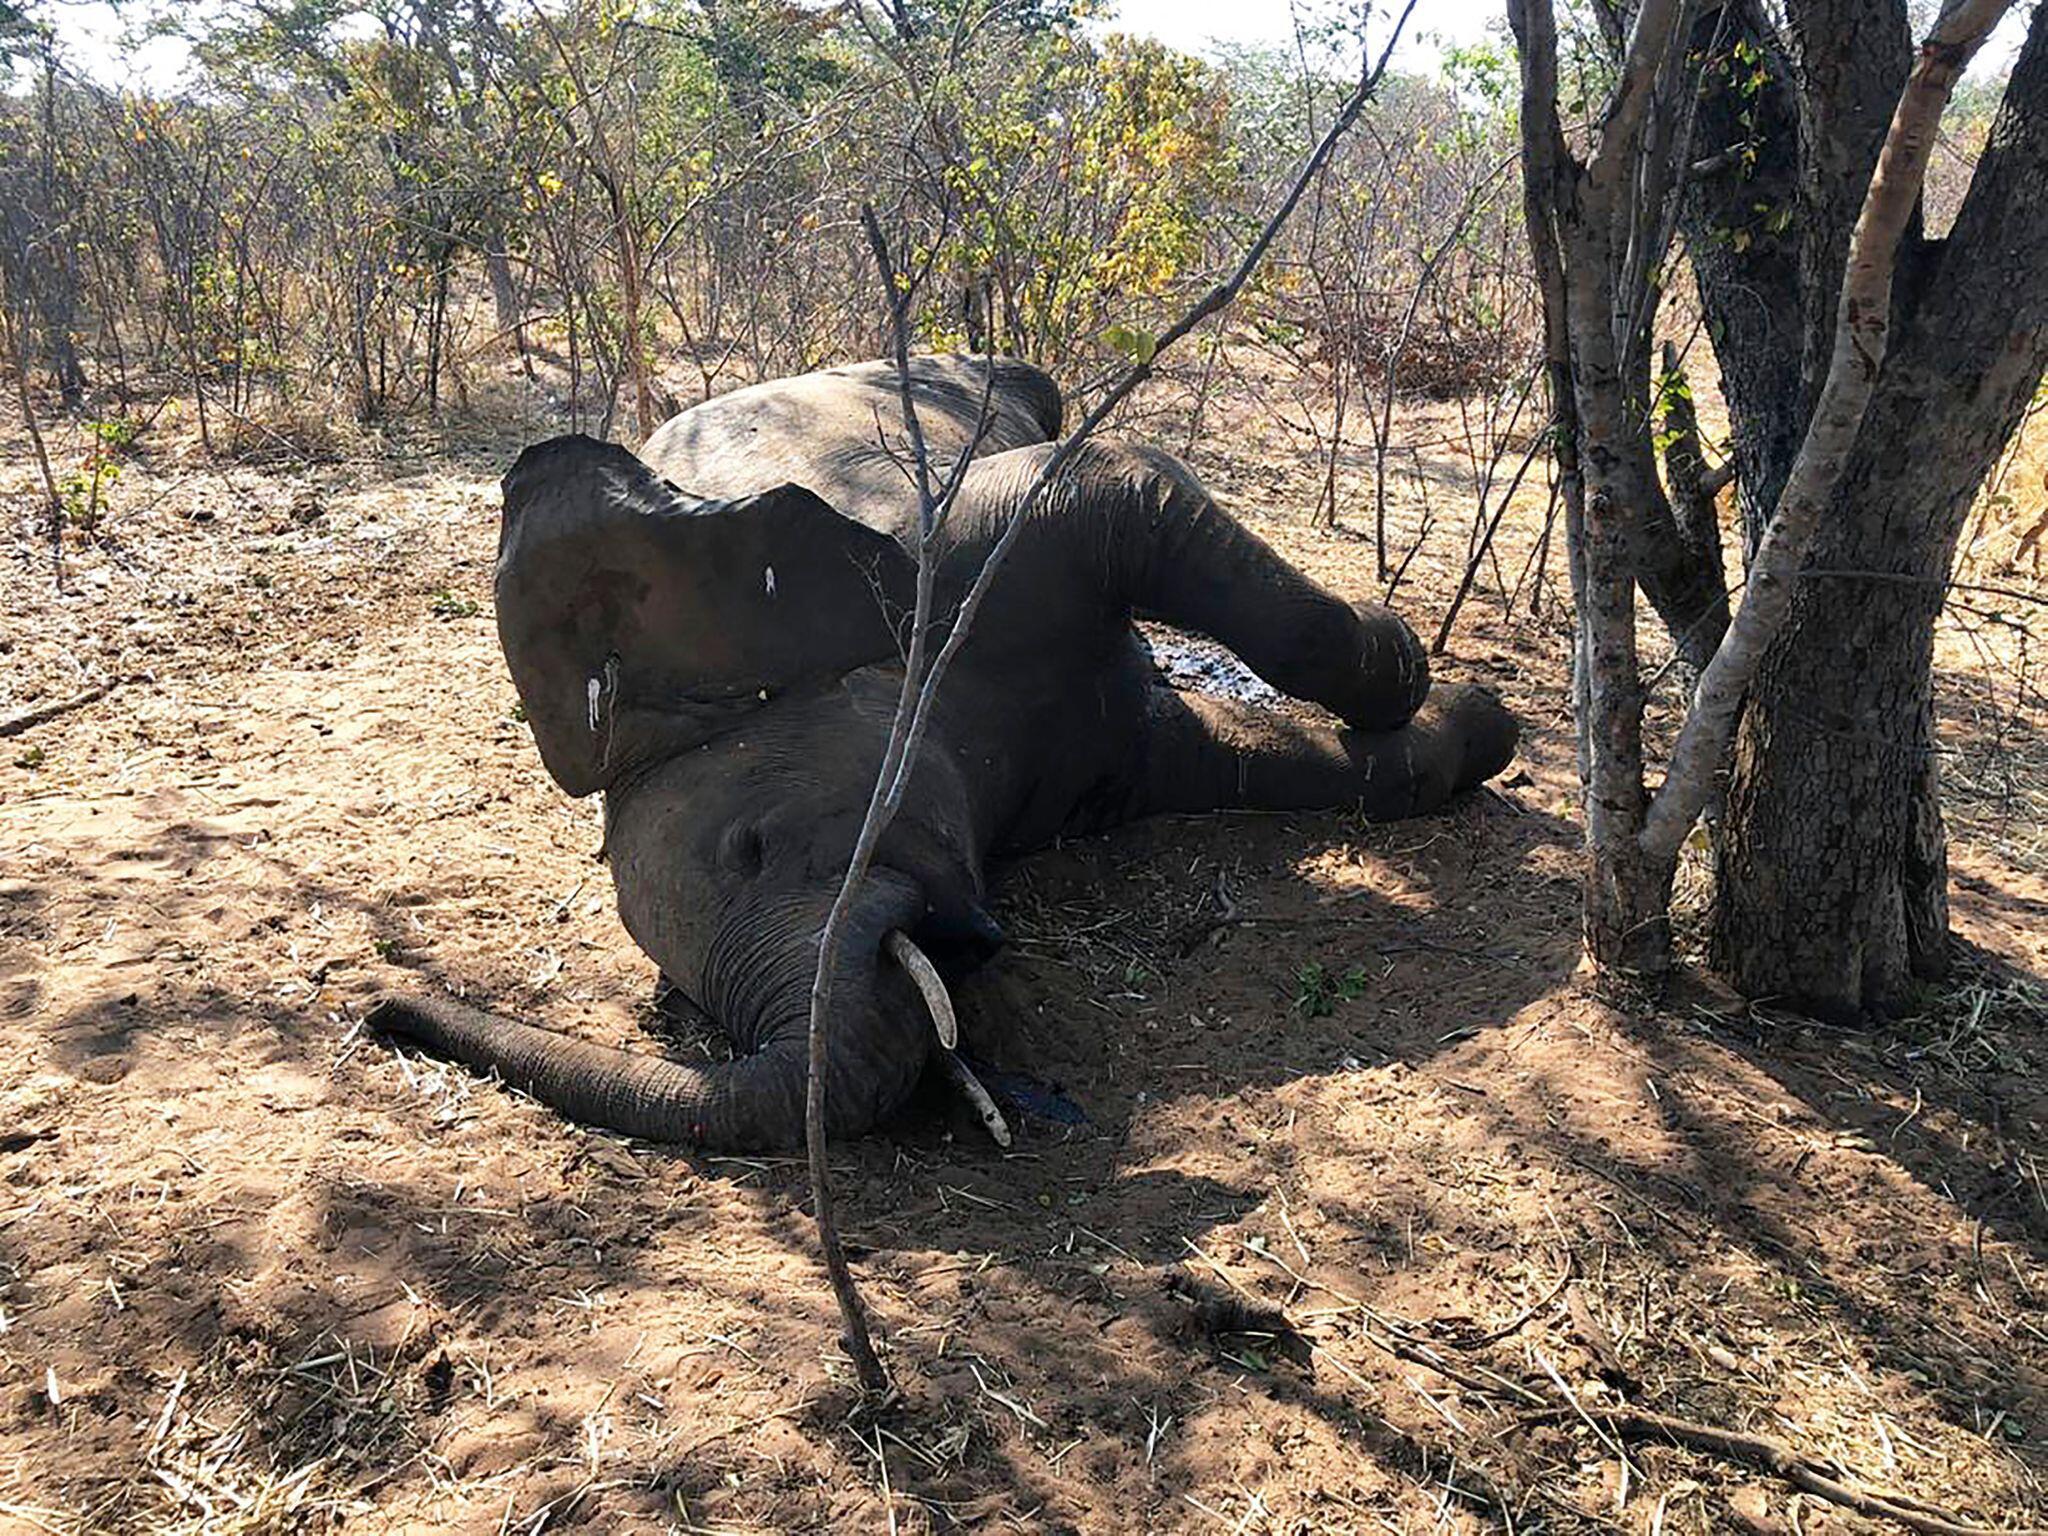 Bild zu Weitere verendete Elefanten in Simbabwe gefunden